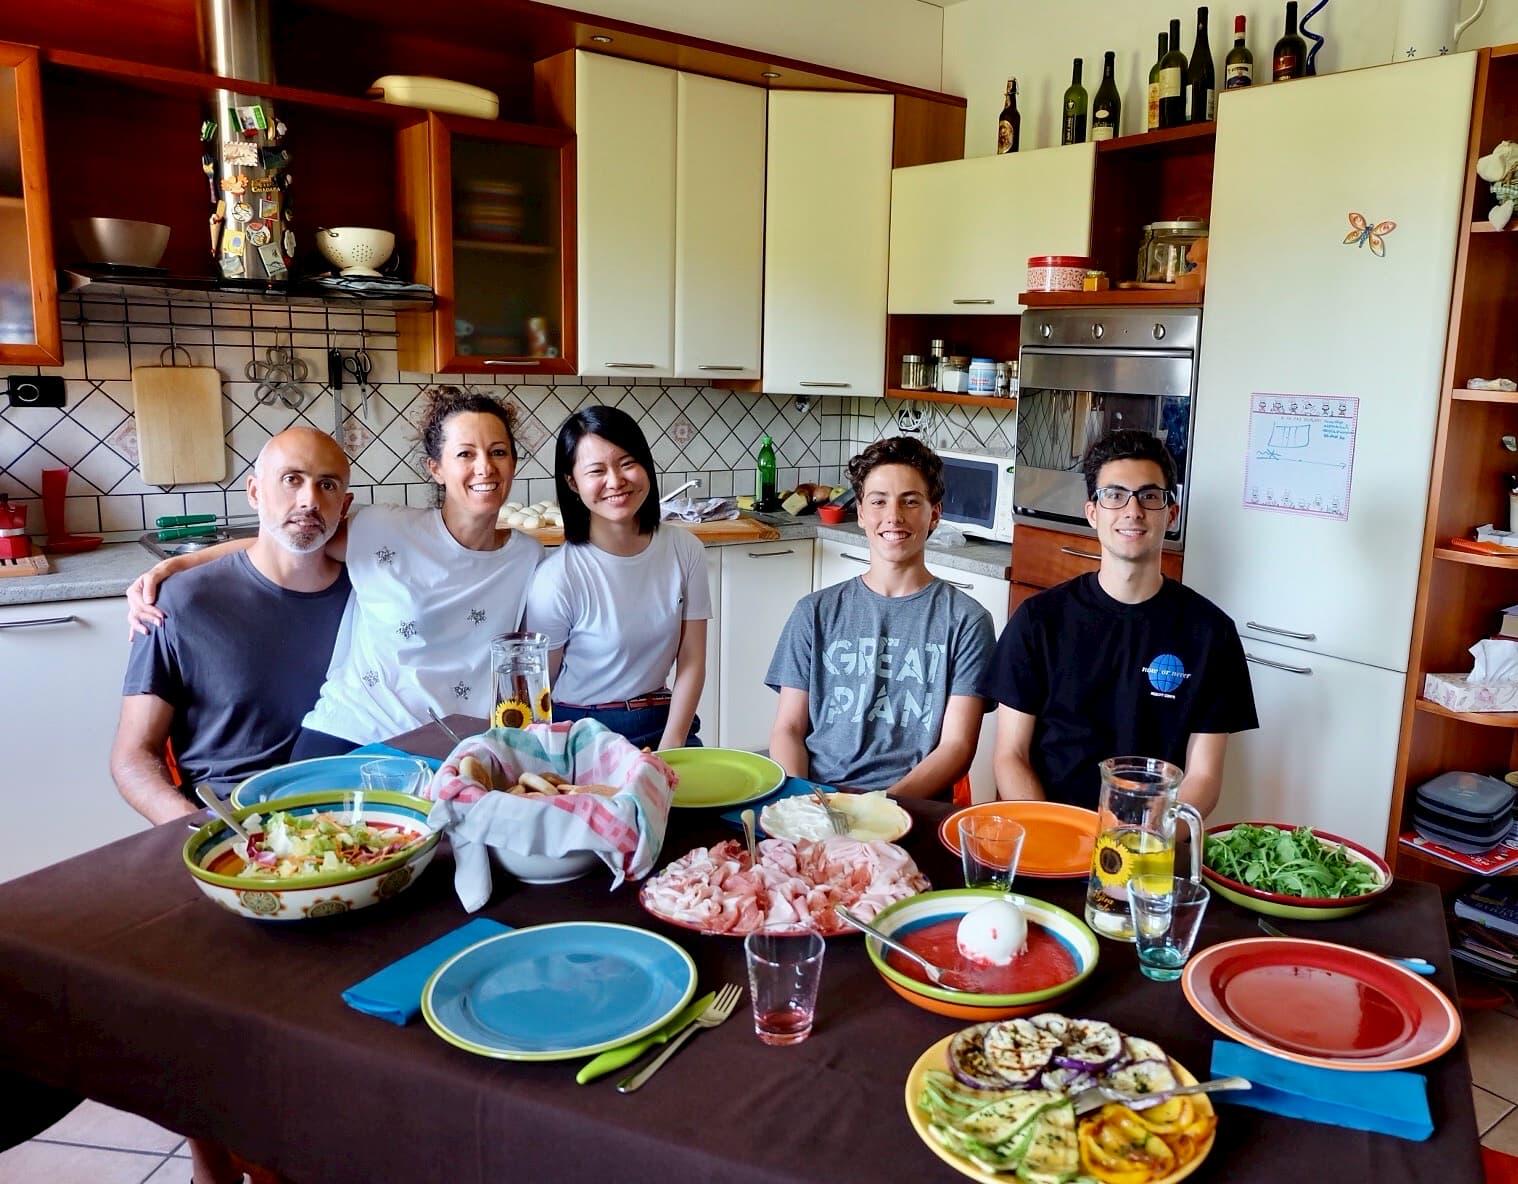 Famiglia italiana cena con una studentessa dal Giappone - Dinehome